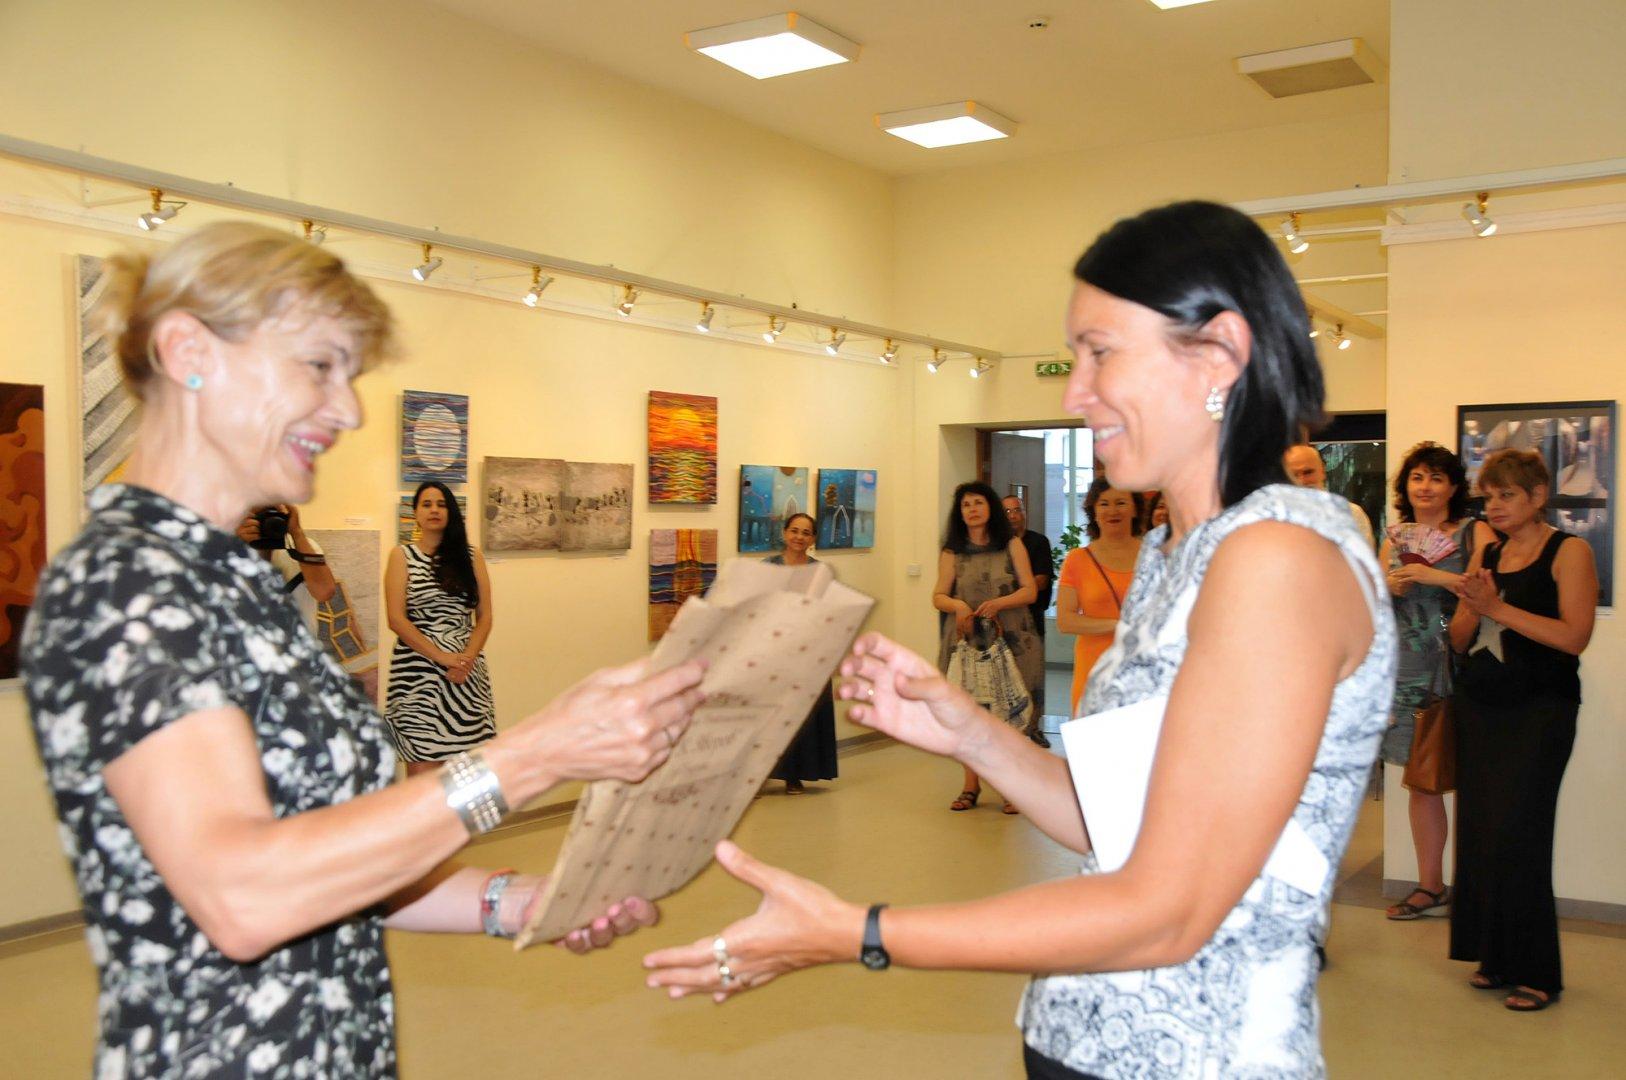 Директорът на библиотеката Мария Бенчева (вляво) подари книга с поезията на Петя Дубарова на английски език. Снимки Лина Главинова